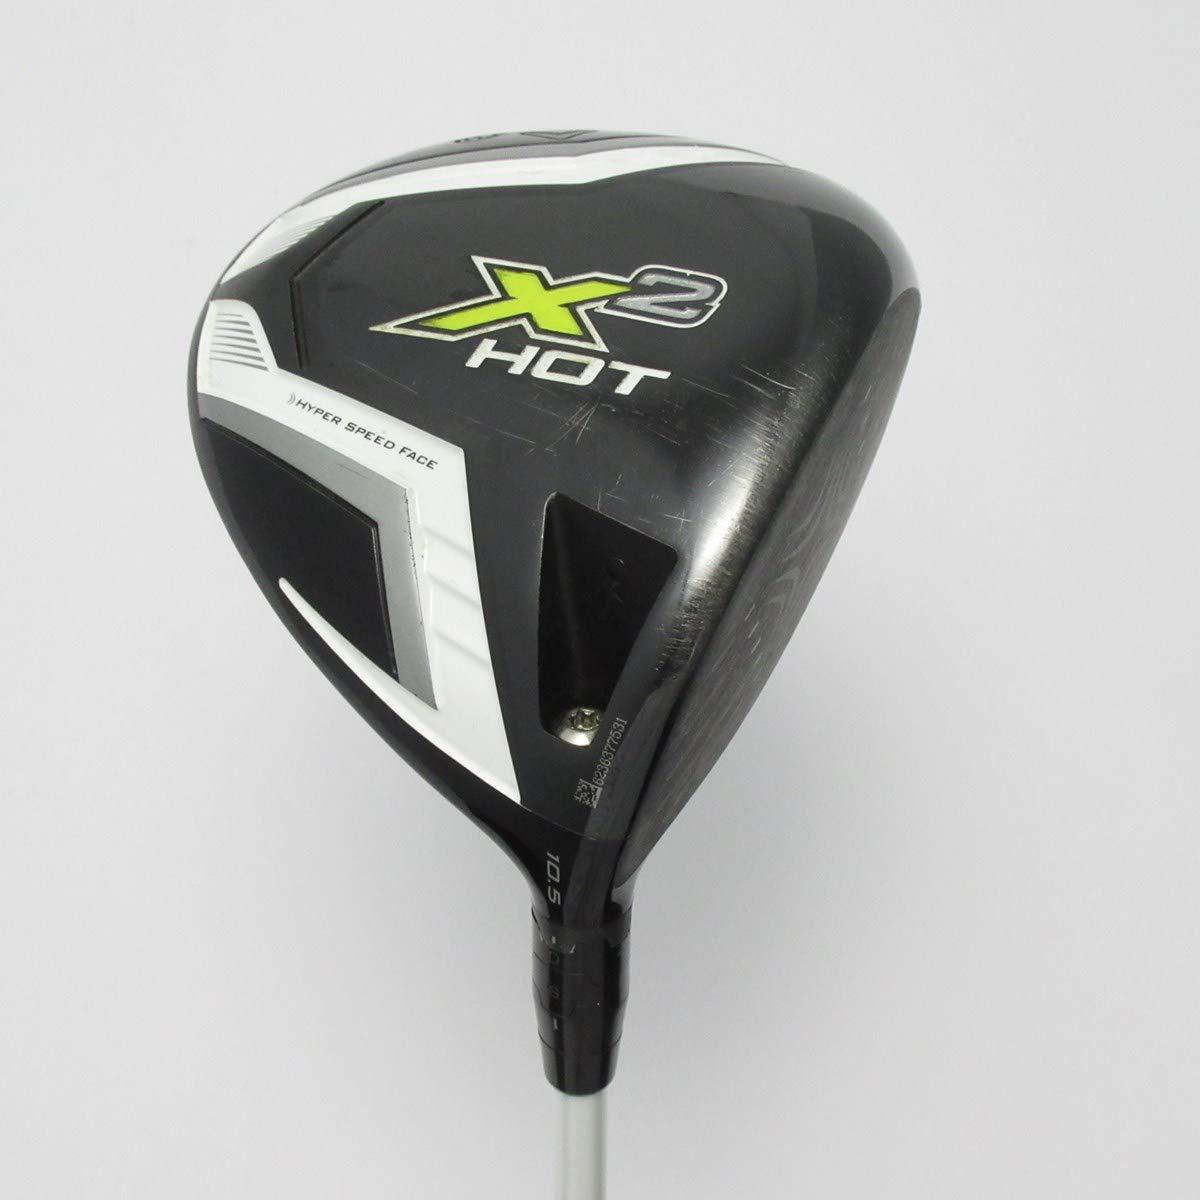 【中古】キャロウェイゴルフ X X2 HOT ドライバー Motore Speeder 661 B07Q324GQP